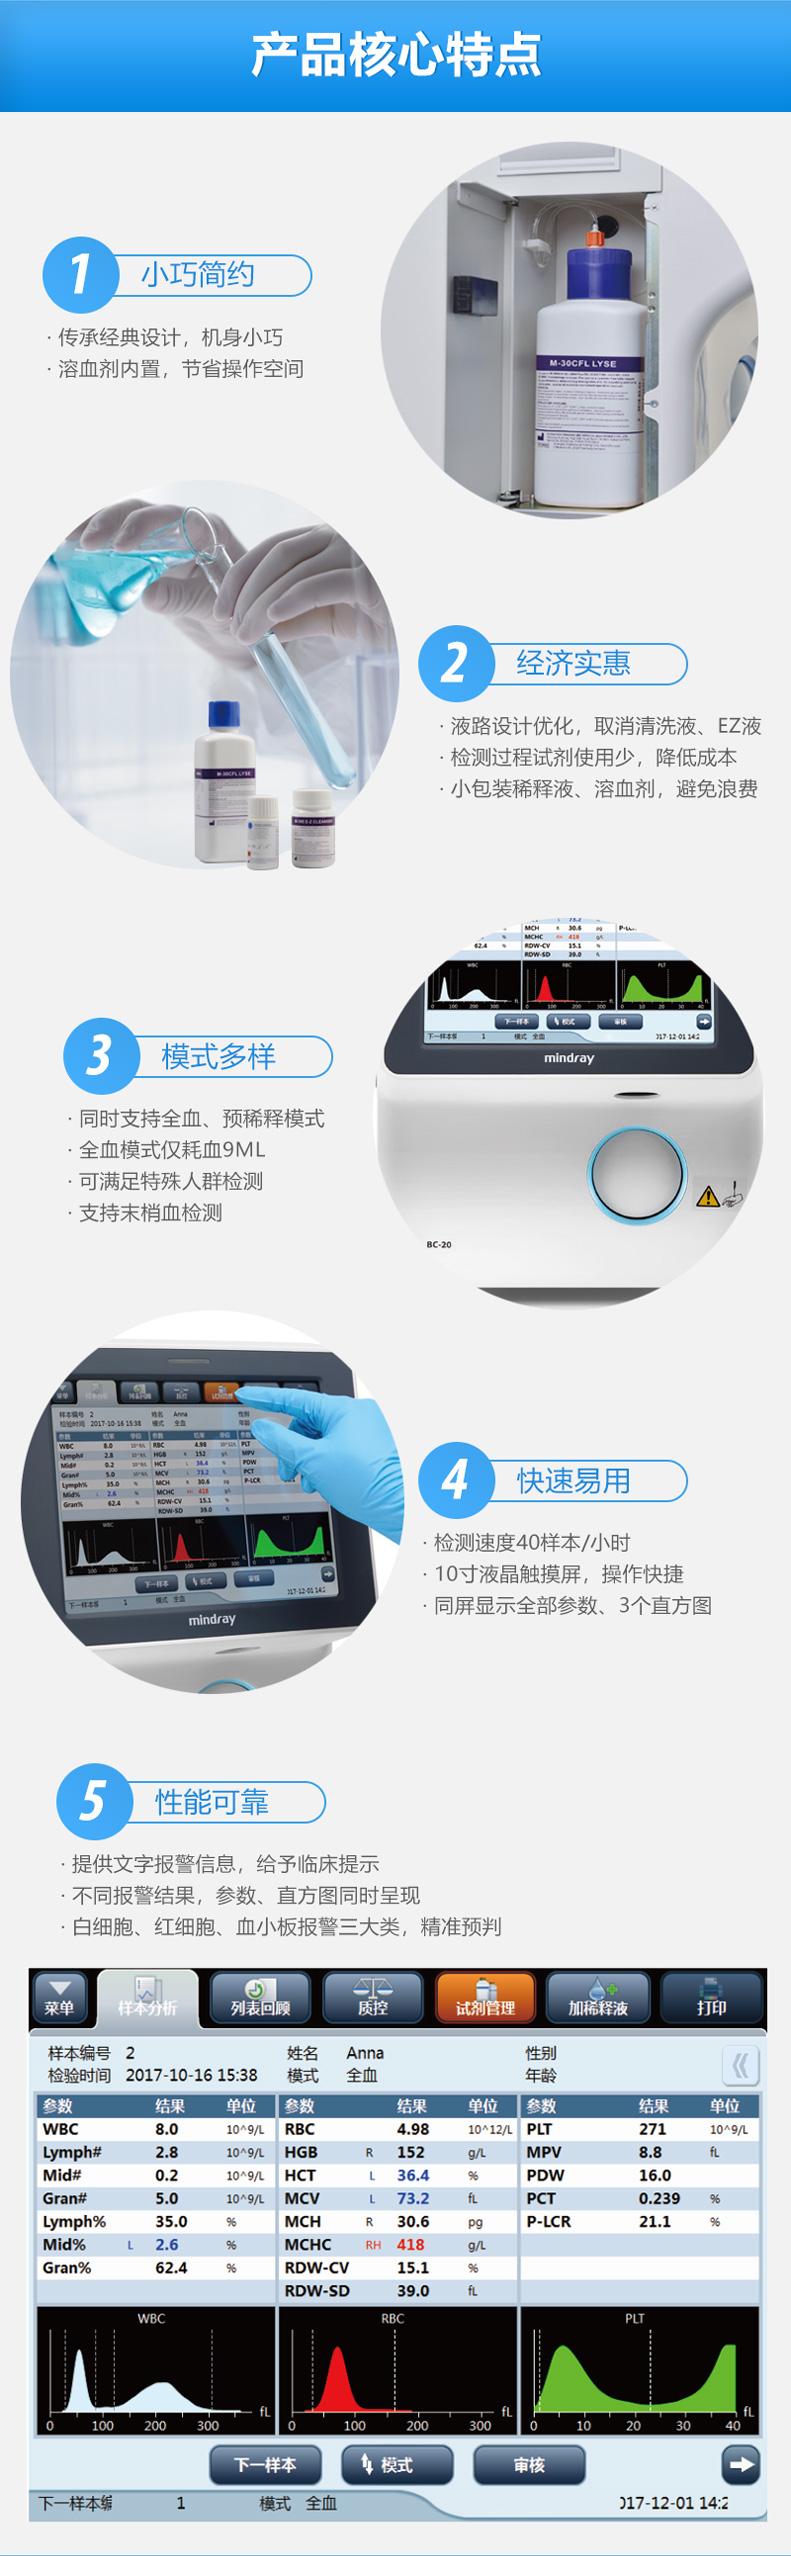 迈瑞Mindray 三分类血液细胞分析仪BC-20小巧简约,经济实惠,模式多样,快速易用,性能可靠